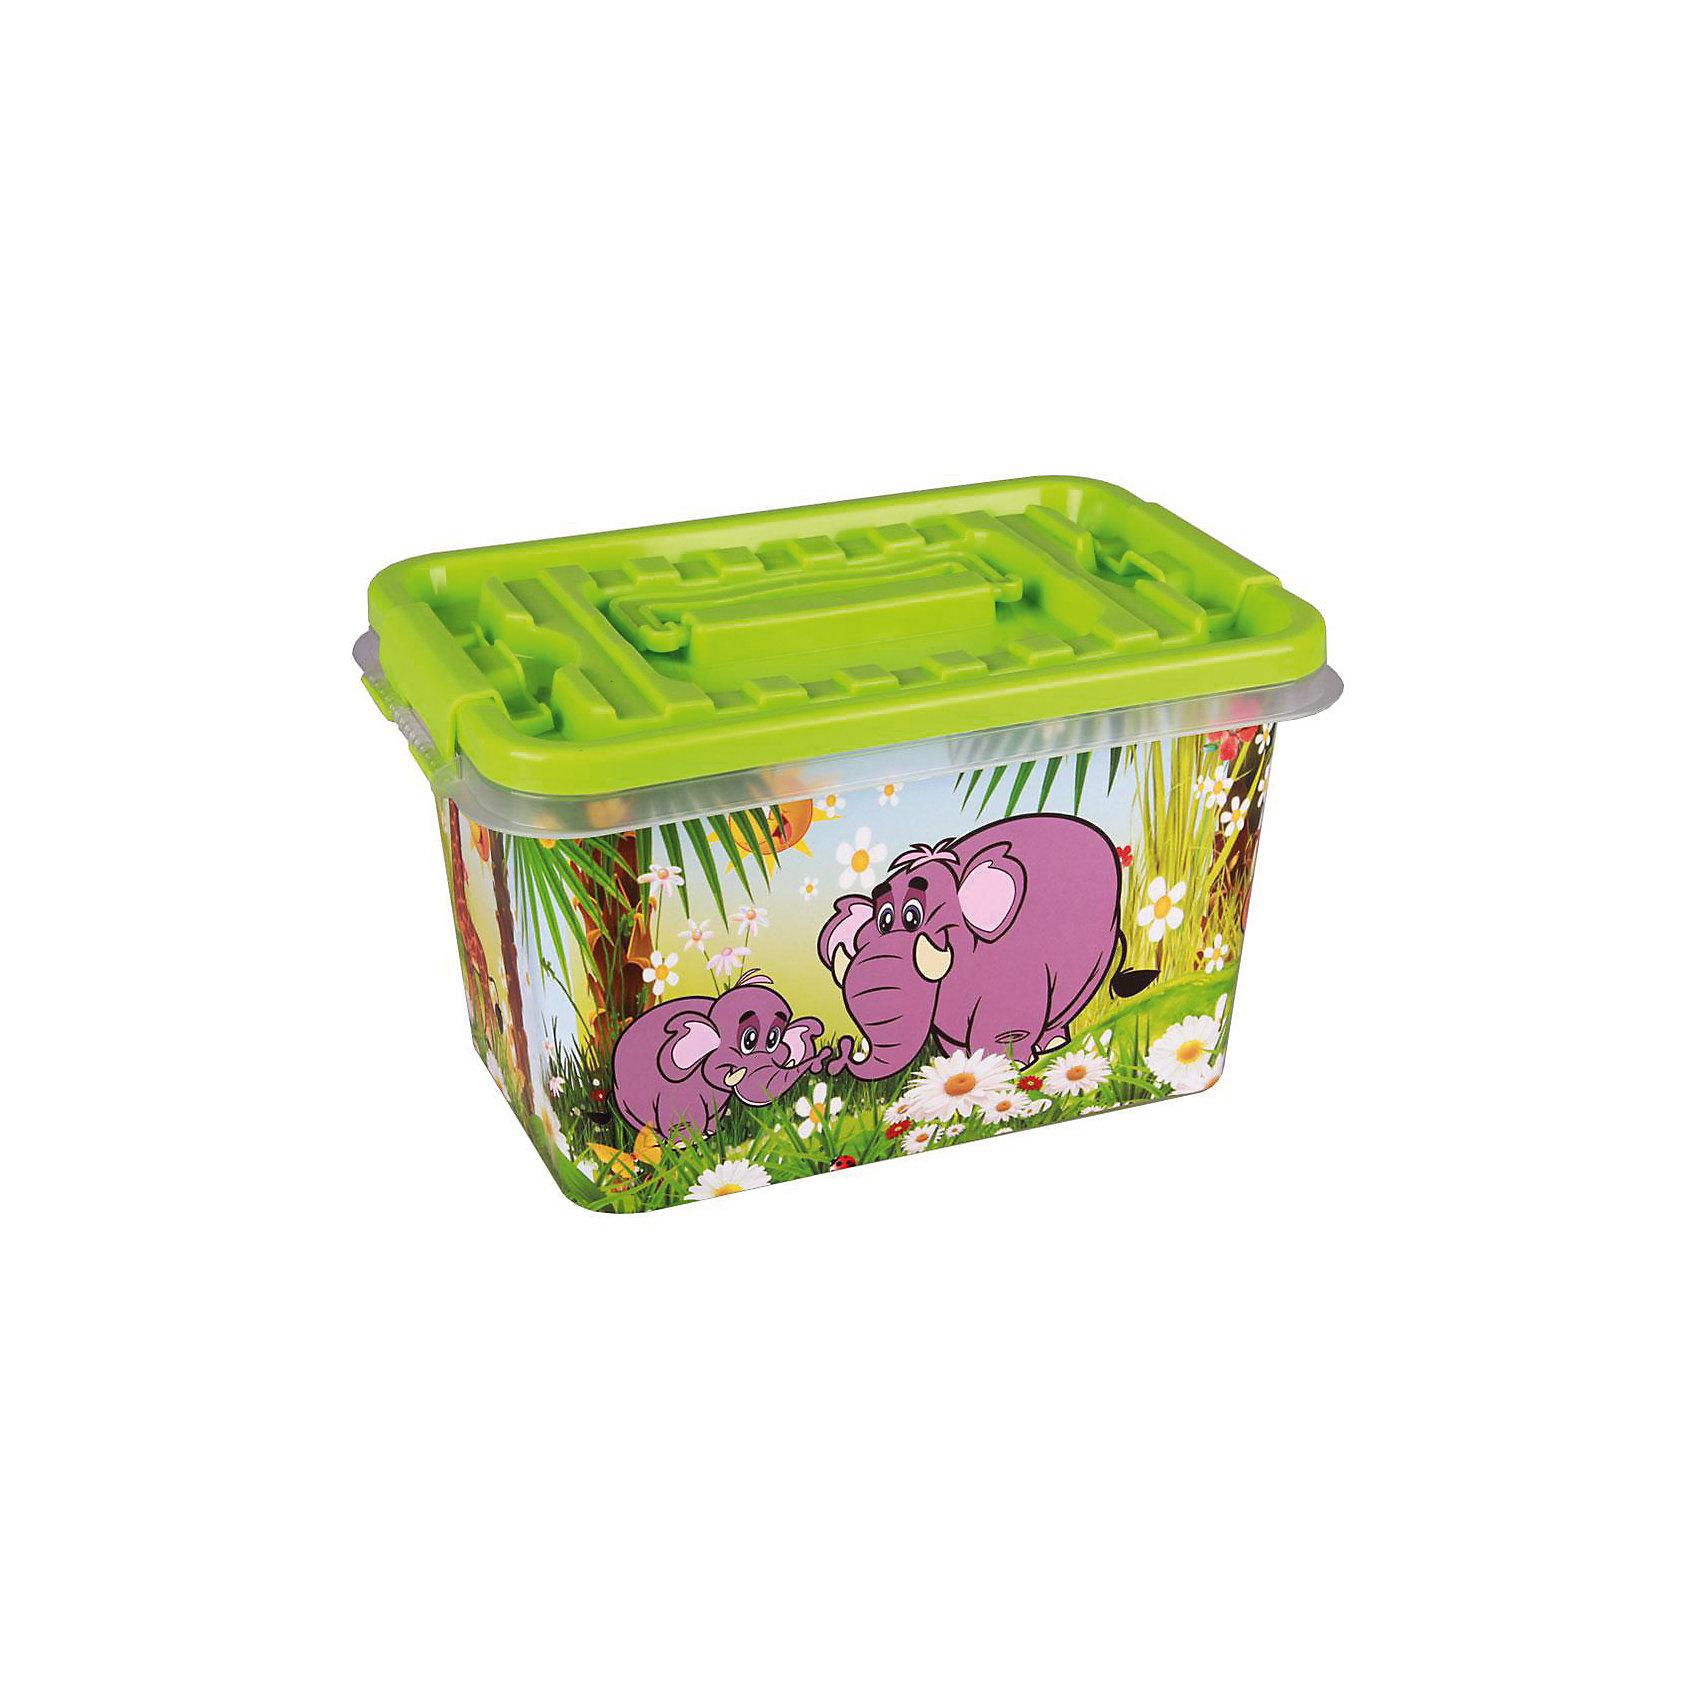 Контейнер Чудо-остров прямоугольный 4л., AlternativaХарактеристики:<br><br>• Предназначение: для хранения игрушек, для канцелярских принадлежностей или предметов для творчества<br>• Материал: пластик<br>• Цвет: салатовый, желтый, белый, фиолетовый<br>• Размер (Д*Ш*В): 26*17*14 см<br>• Вместимость (объем): 4 л<br>• Форма: прямоугольный<br>• Наличие крышки <br>• Особенности ухода: разрешается мыть теплой водой<br><br>Контейнер Чудо-остров прямоугольный 4л., Alternativa изготовлен отечественным производителем ООО ЗПИ Альтернатива, который специализируется на выпуске широкого спектра изделий из пластика. <br>Контейнер выполнен из экологически безопасного пластика, устойчивого к механическим повреждениям, корпус оформлен ярким рисунком, в комплекте имеется крышка салатового цвета. Изделие позволит обеспечить не только порядок в комнате ребенка, но и станет ярким предметом интерьера. Контейнер Чудо-остров прямоугольный 4л., Alternativa удобен для хранения красок, карандашей, пластилина или других предметов для творчества.<br><br>Контейнер Чудо-остров прямоугольный 4л., Alternativa можно купить в нашем интернет-магазине.<br><br>Ширина мм: 260<br>Глубина мм: 170<br>Высота мм: 140<br>Вес г: 275<br>Возраст от месяцев: 6<br>Возраст до месяцев: 84<br>Пол: Унисекс<br>Возраст: Детский<br>SKU: 5096579